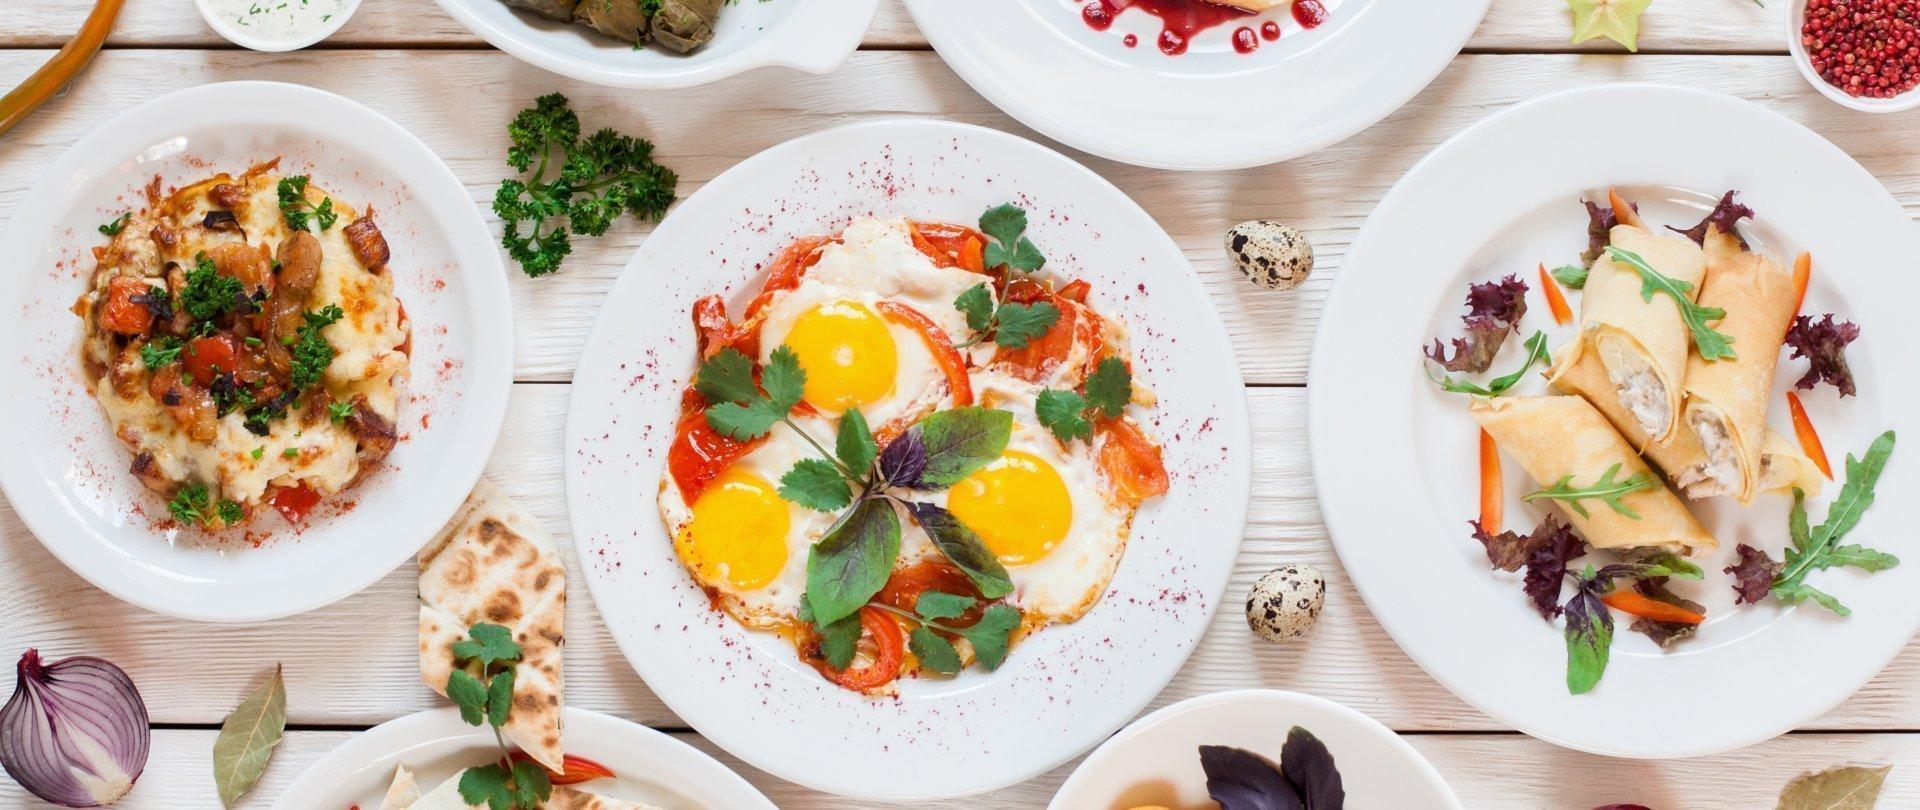 Nocleg ze śniadaniem i obiadokolacją - Z DOSTĘPEM DO STREFY WELLNESS